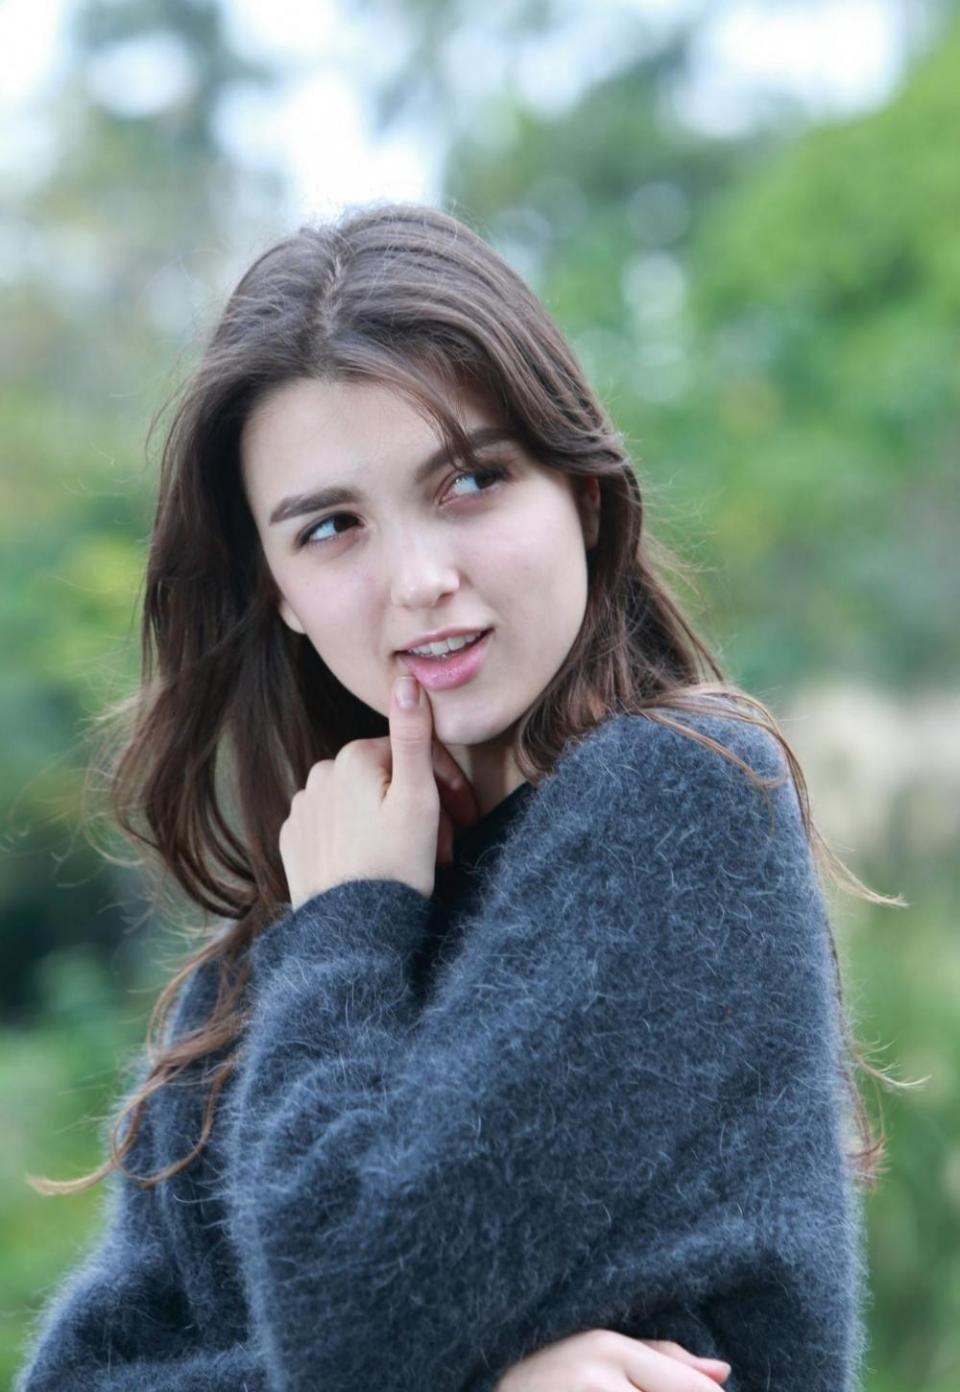 最大胆少女人体摄影艺术_乌克兰美女户外性感写真,上演大胆欧美人体艺术!